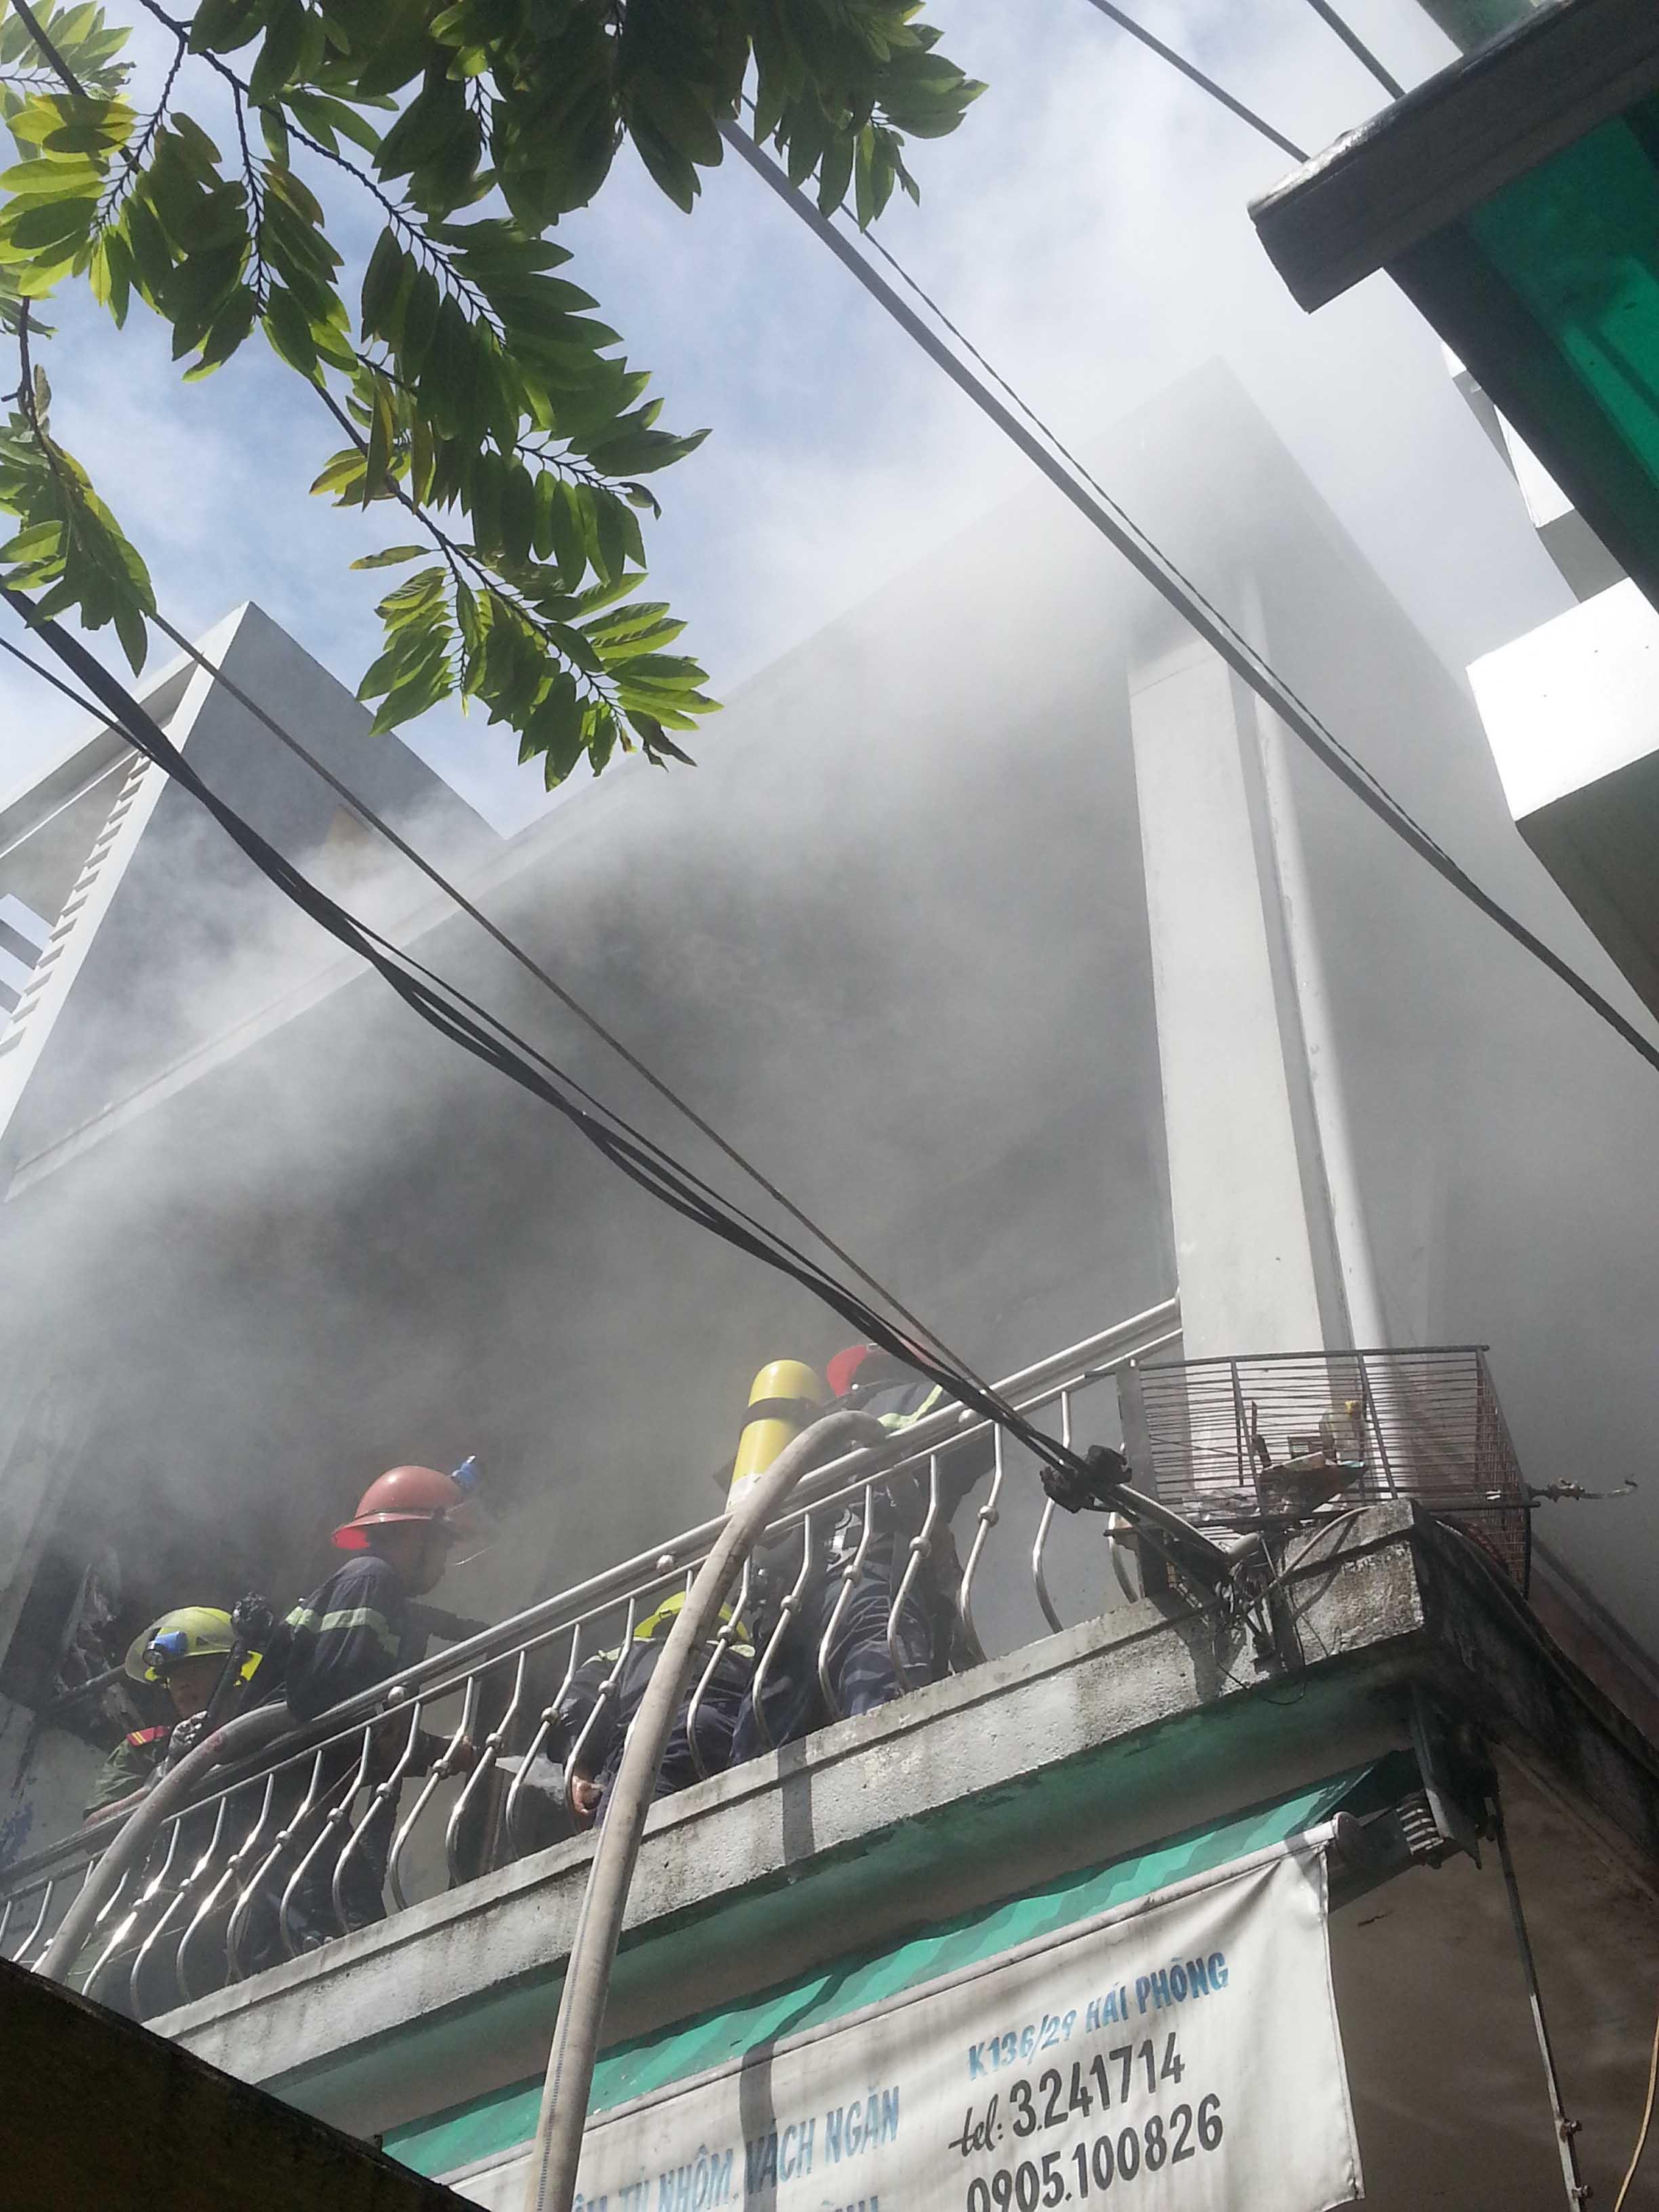 Tháo chạy khi phát hiện nhà cháy lớn ở tầng hai 1